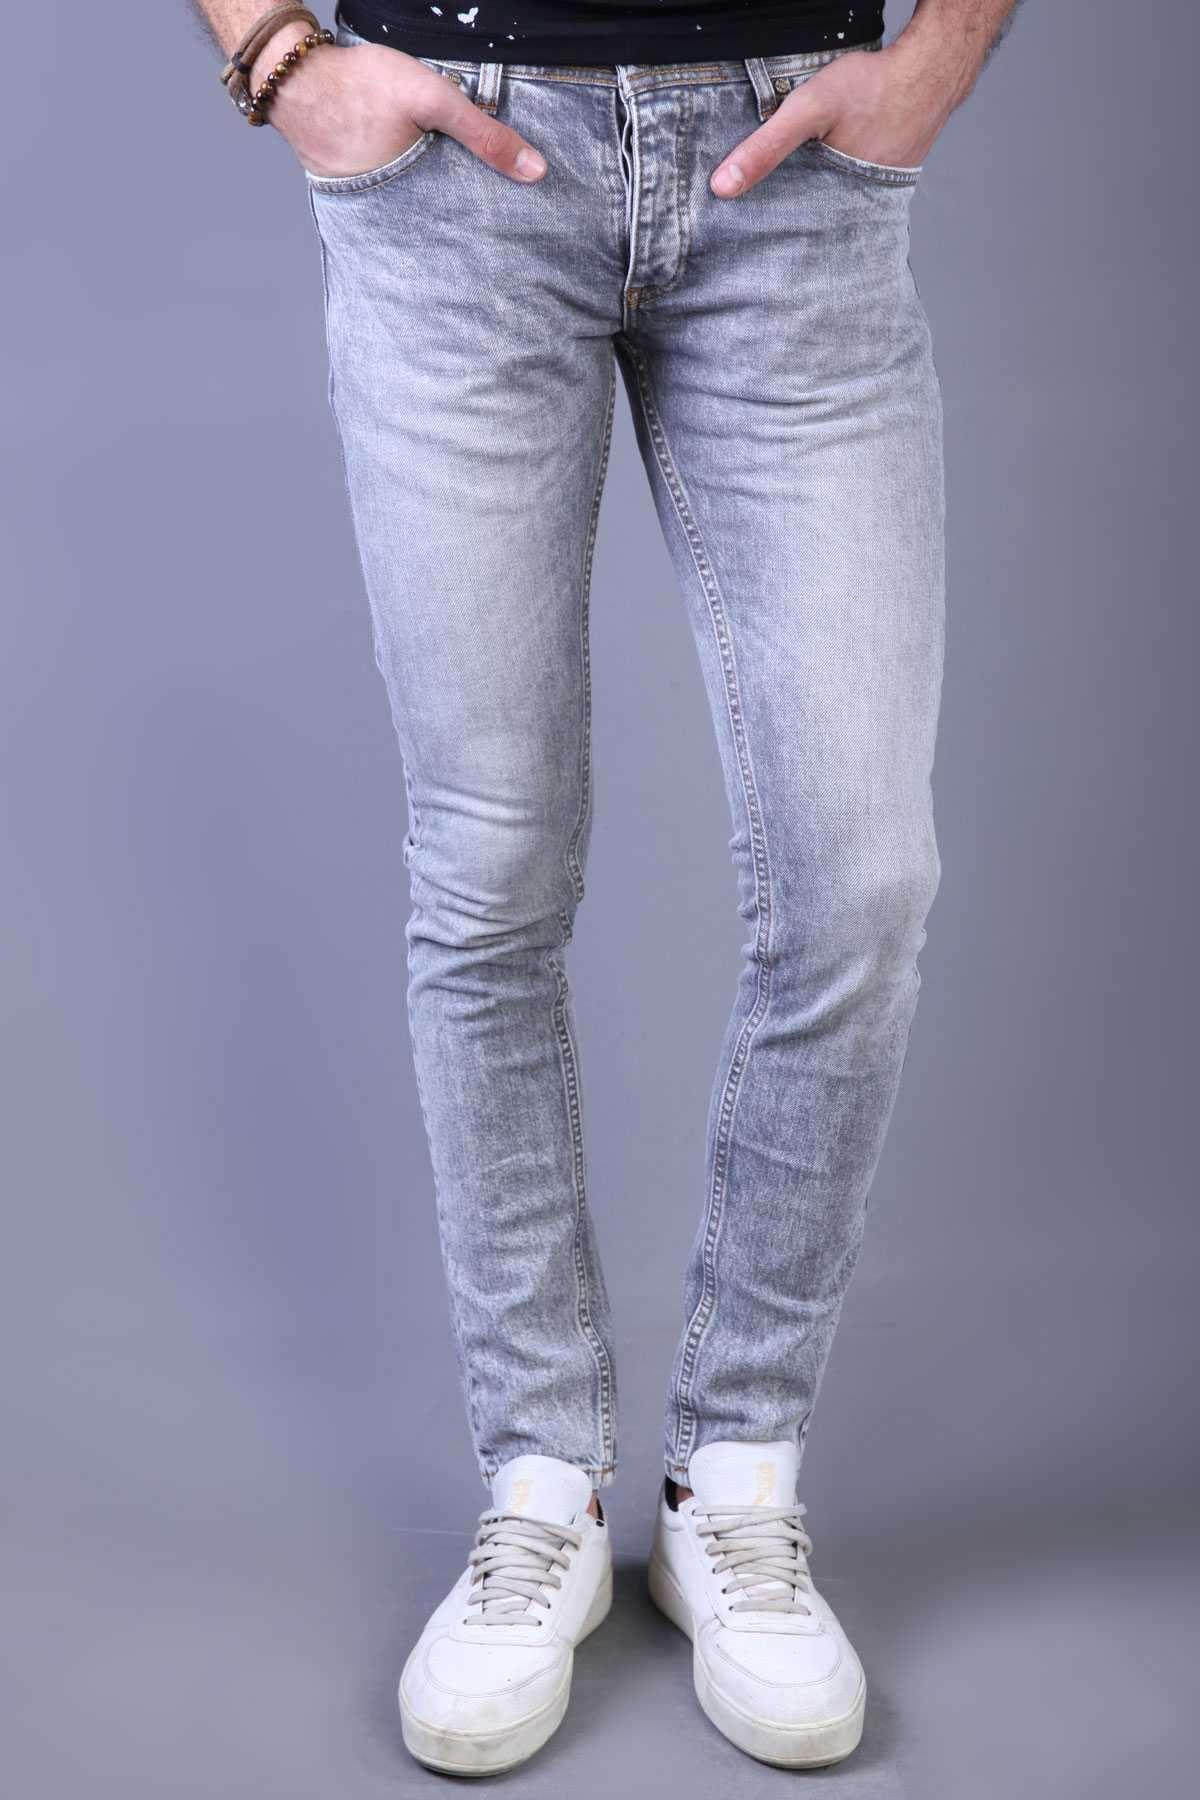 Bel Ve Paça Ucu Lazer Tırtıklı Slim Fit Kot Pantolon Gri